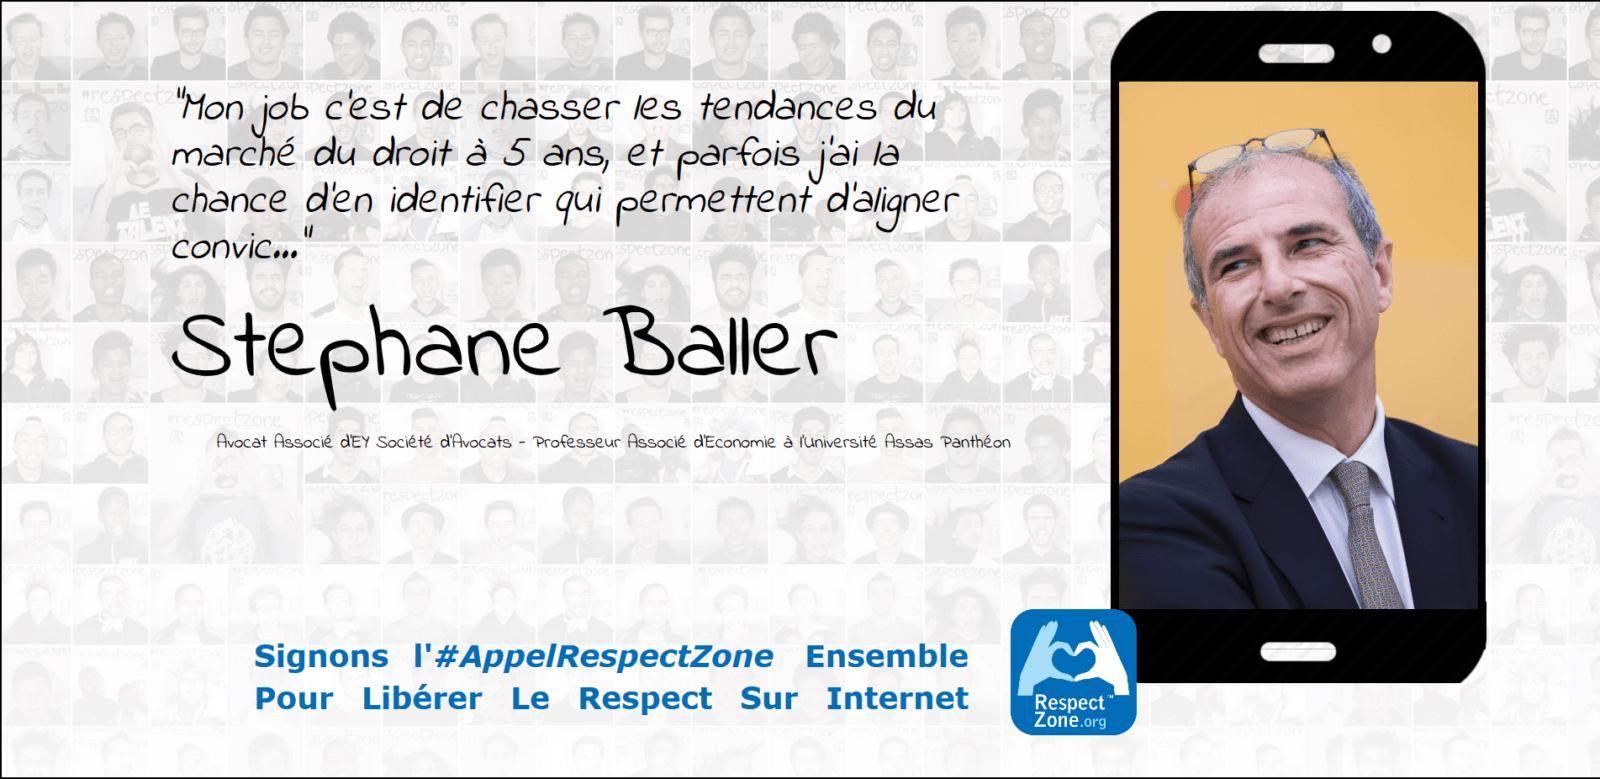 Stephane Baller